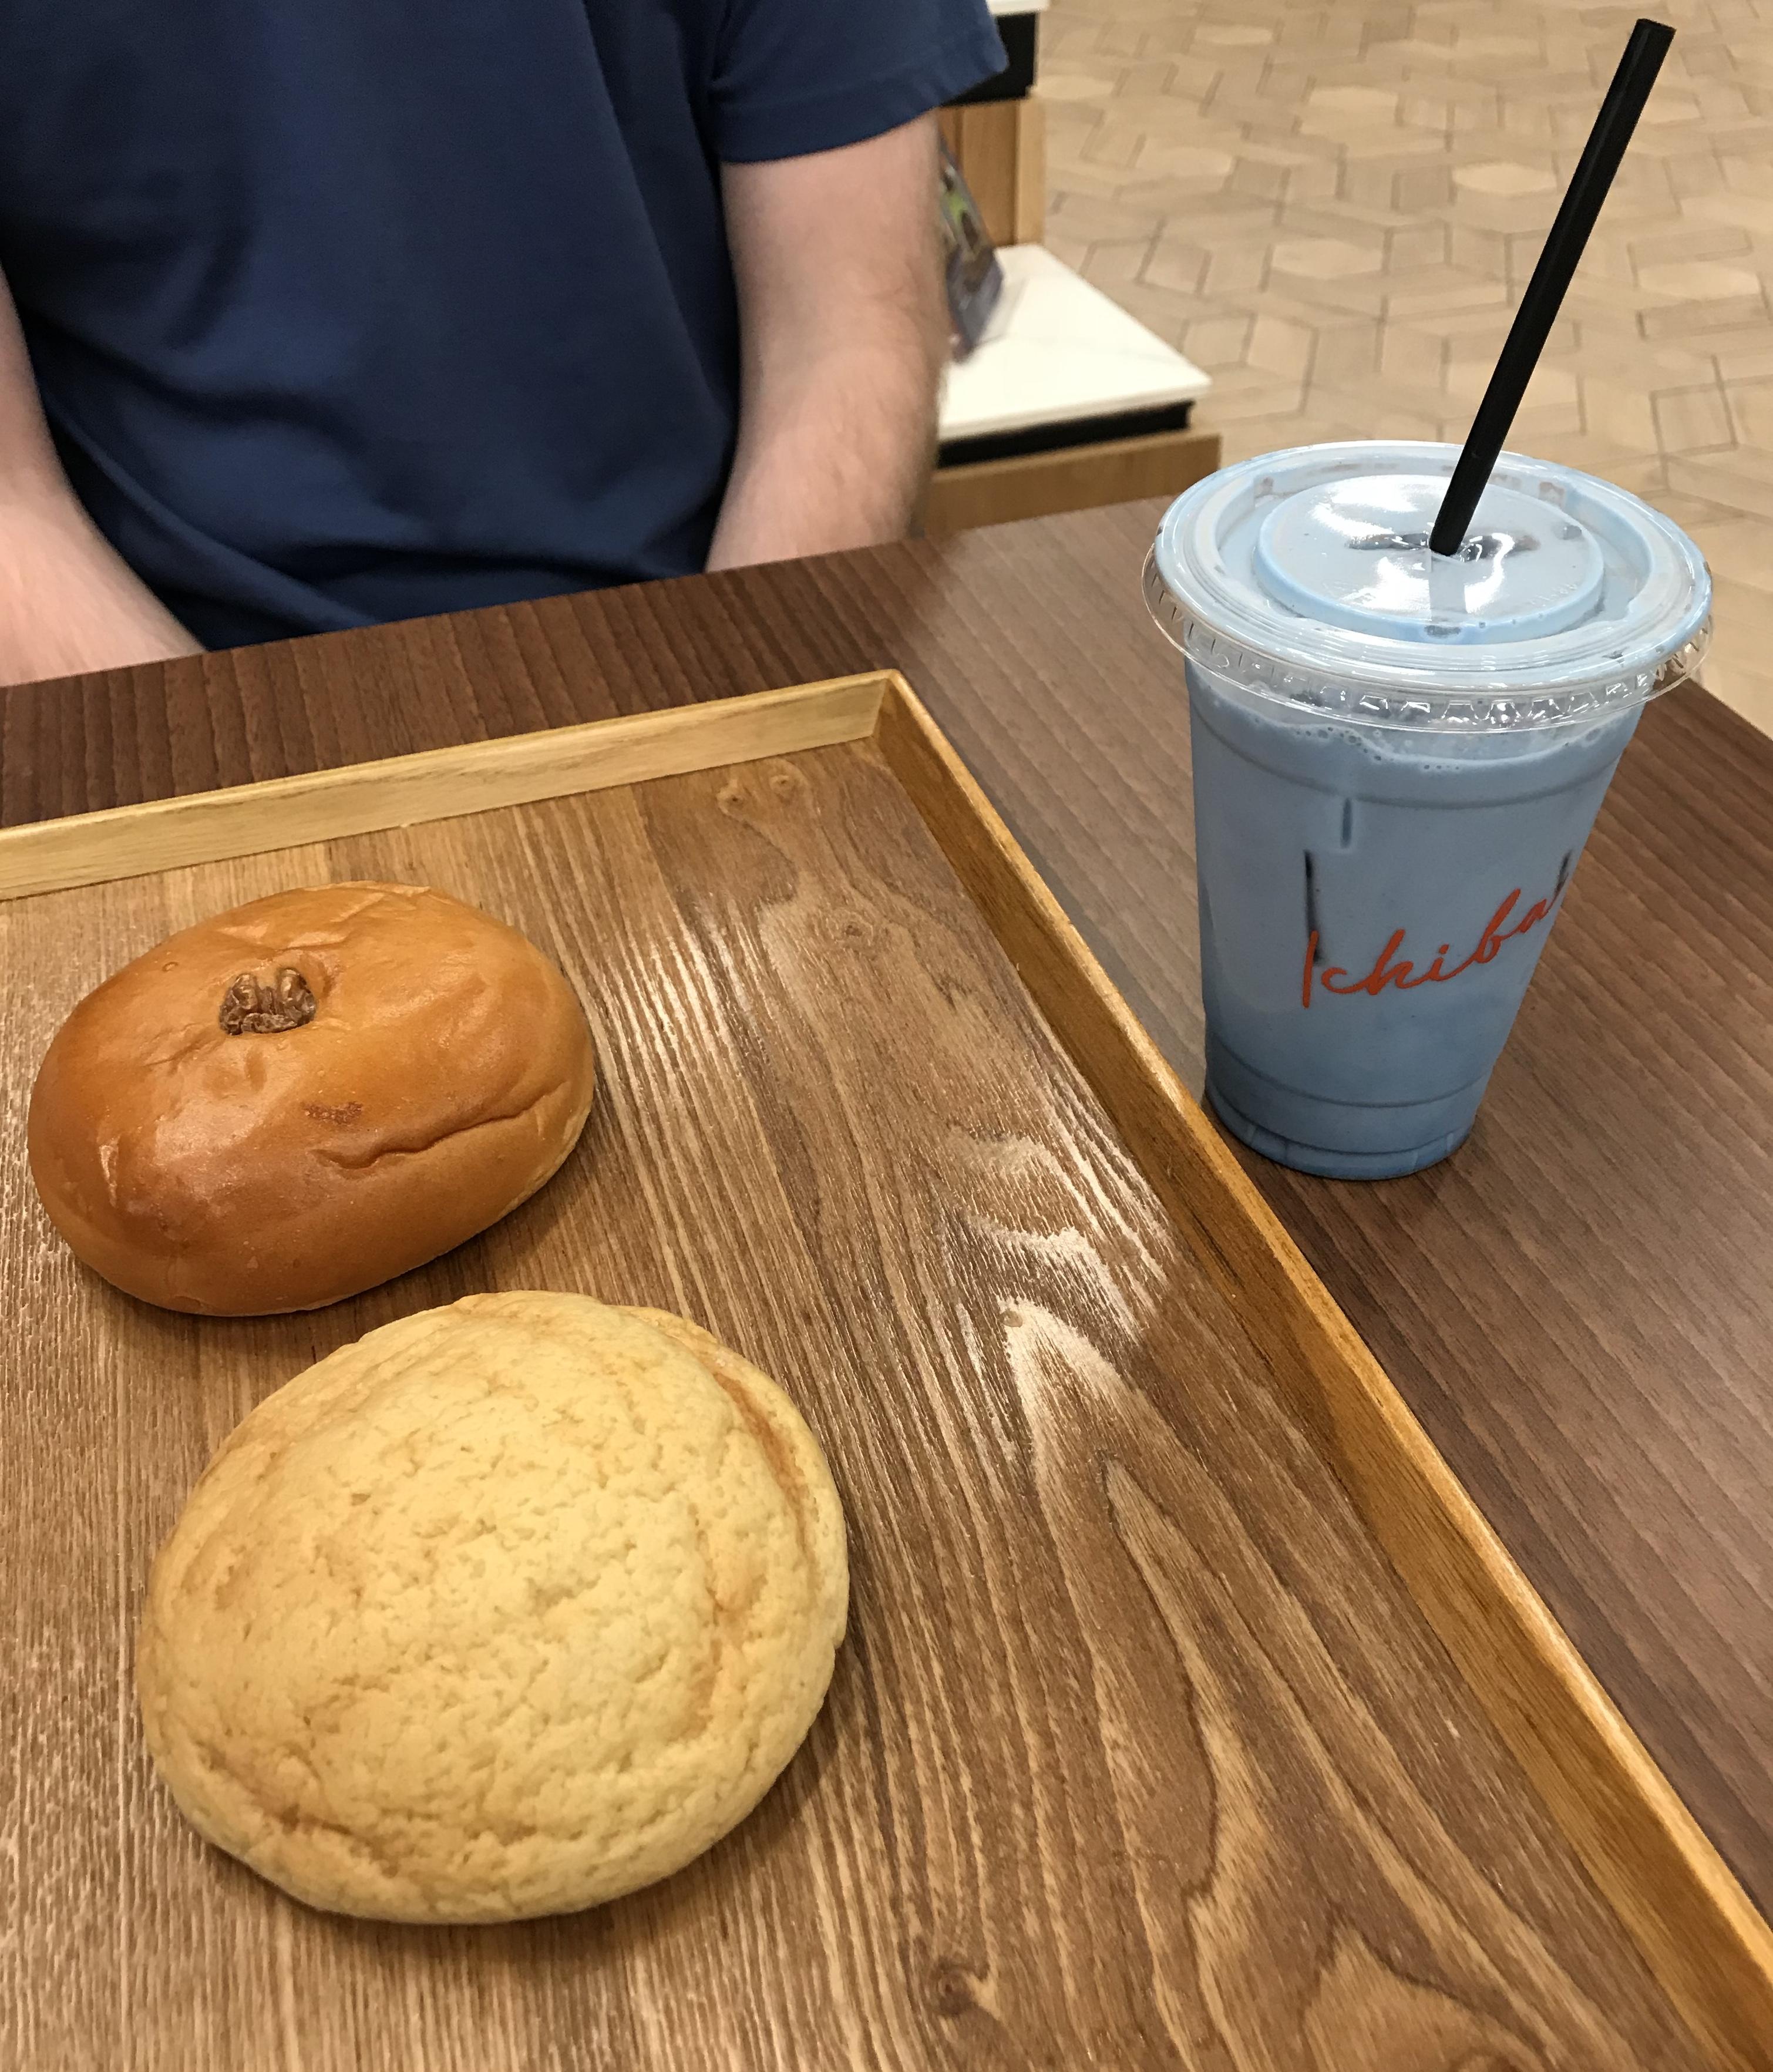 ichiba ロンドン パン屋